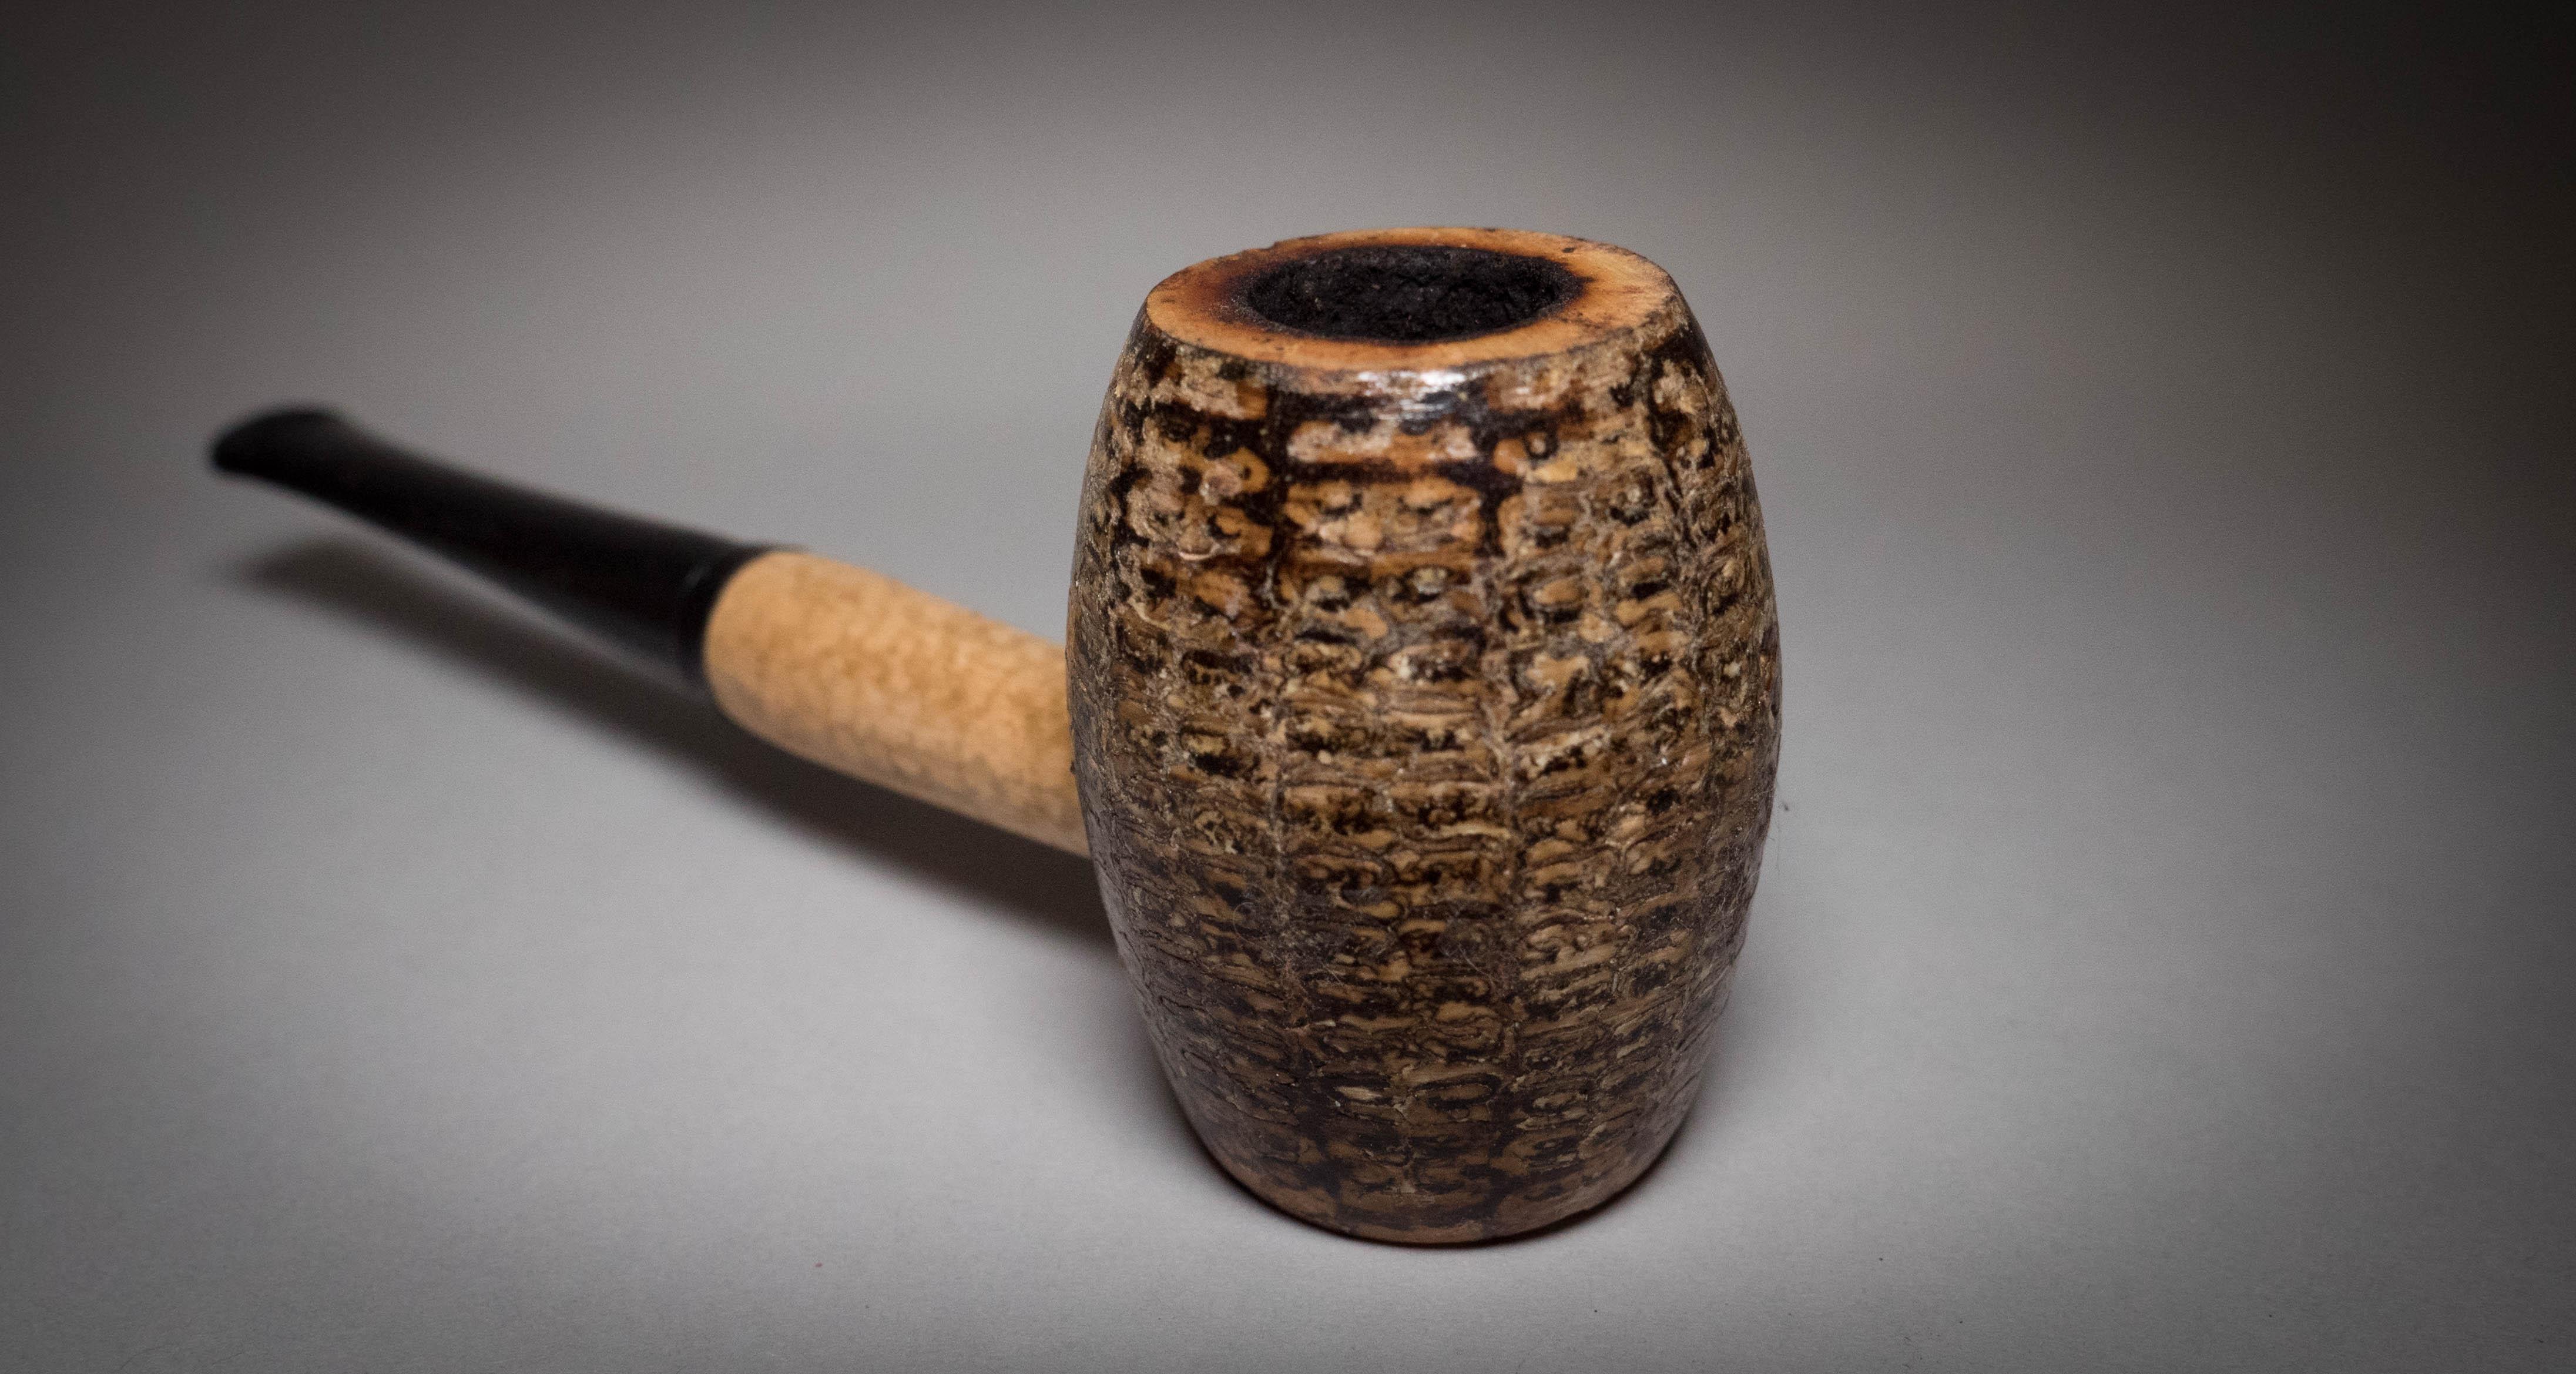 Pipe Materials - Corncob